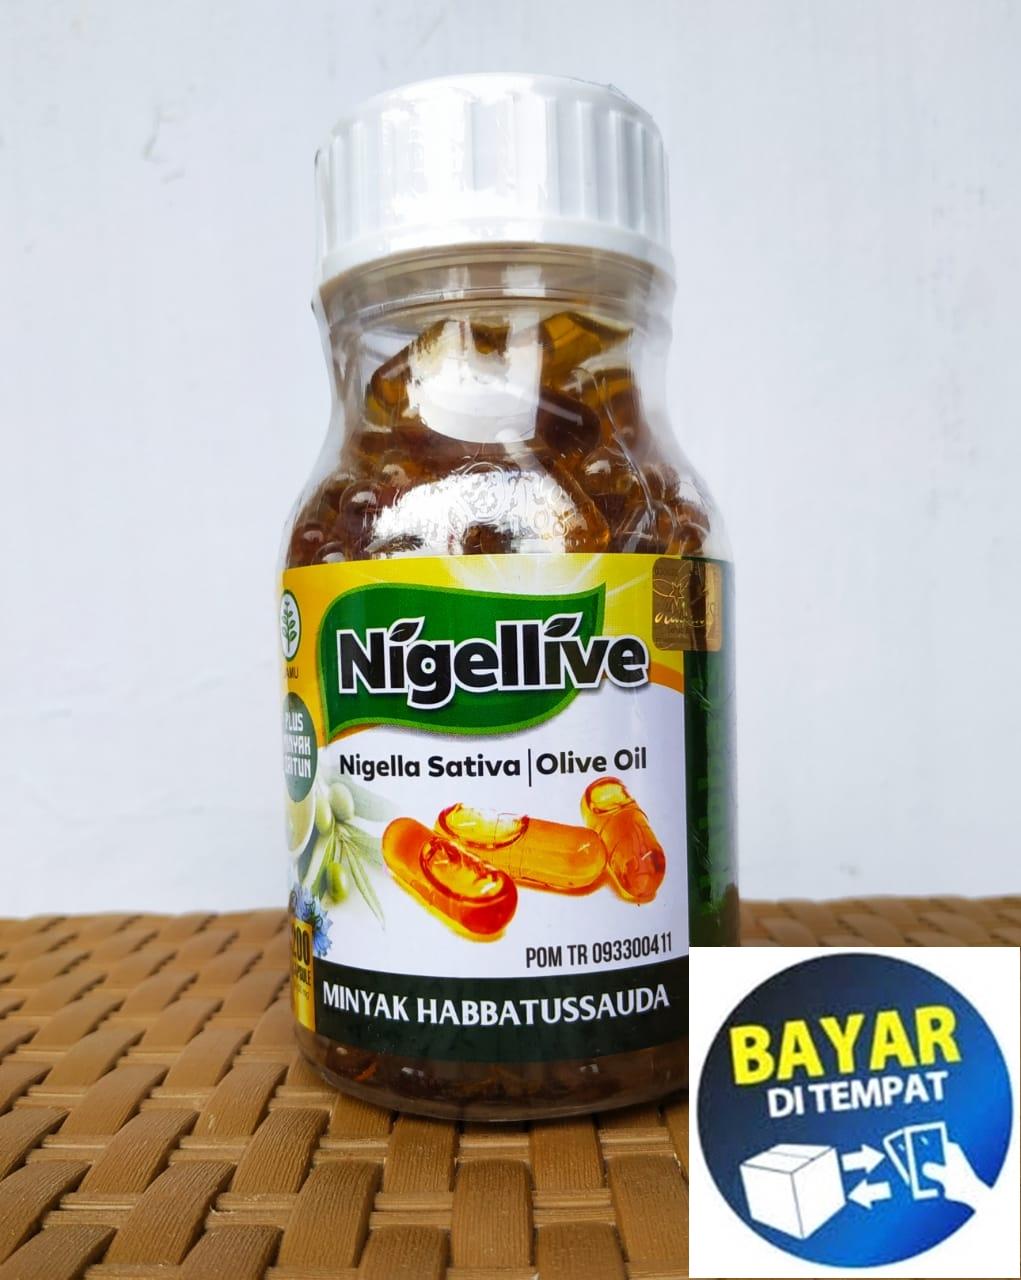 habbatussauda oil nigellive 200 kapsul original minyak habbatusauda plus zaitun